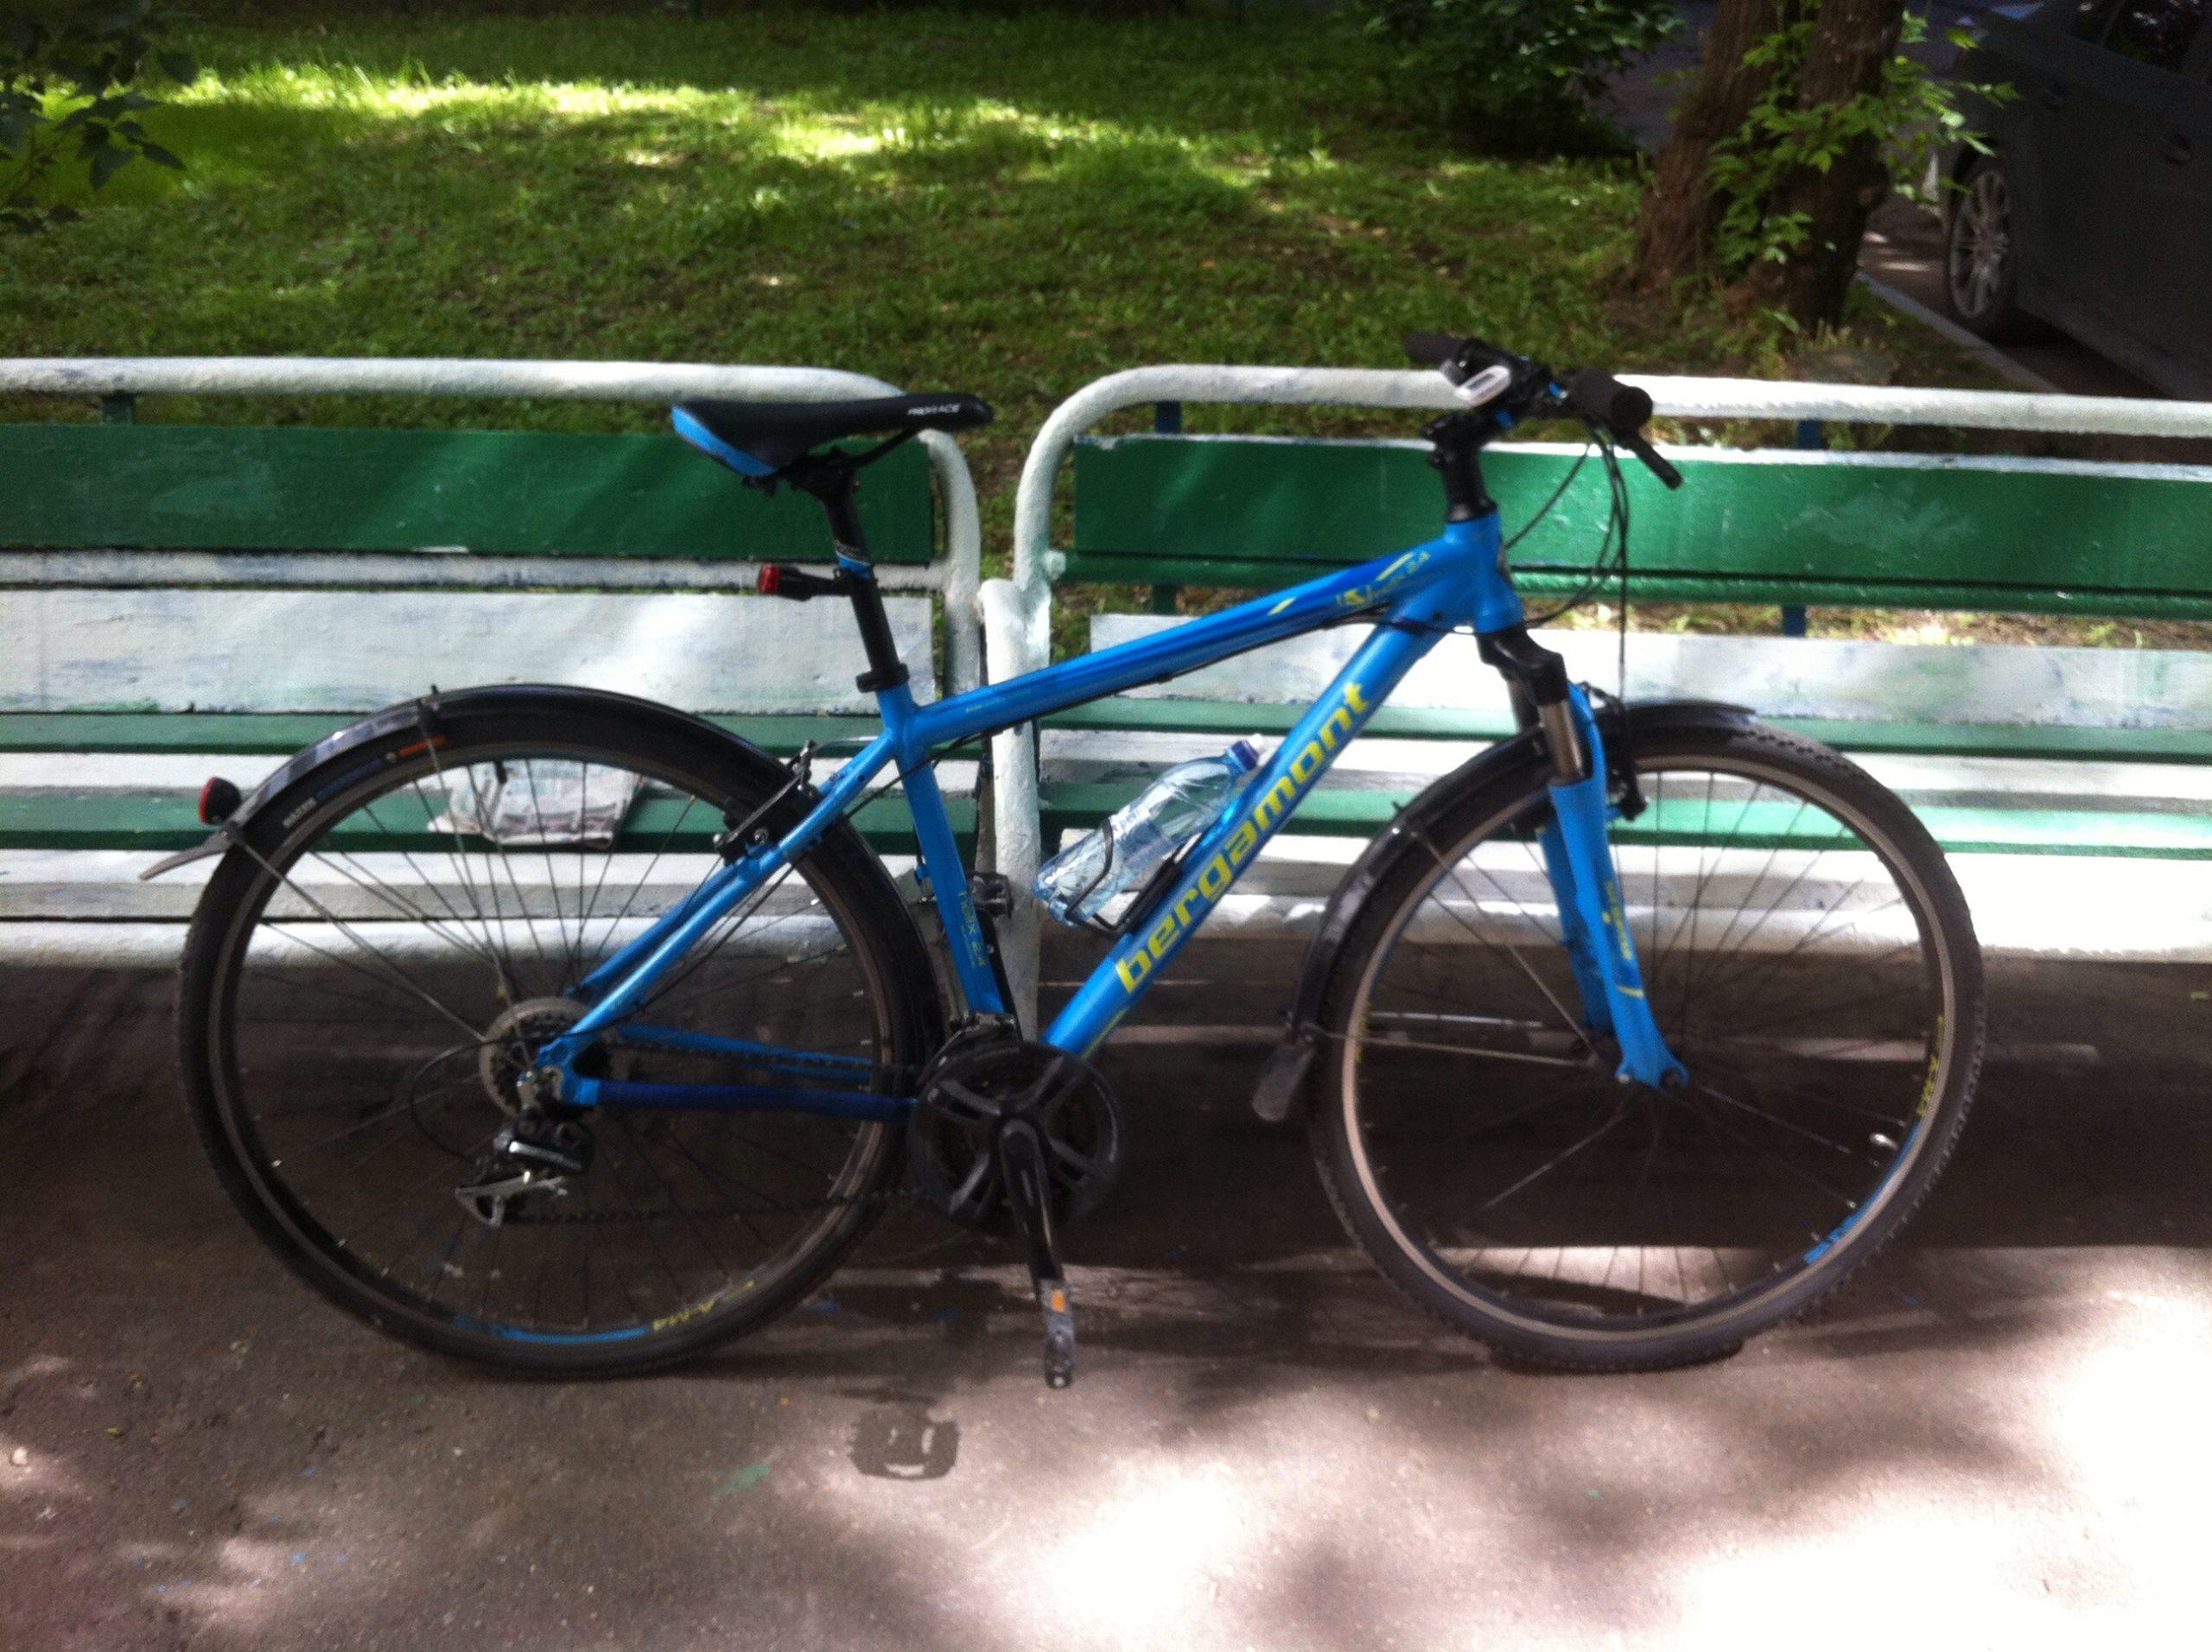 Журнал по техническим работам с велосипедом Bergamont helix 2.4